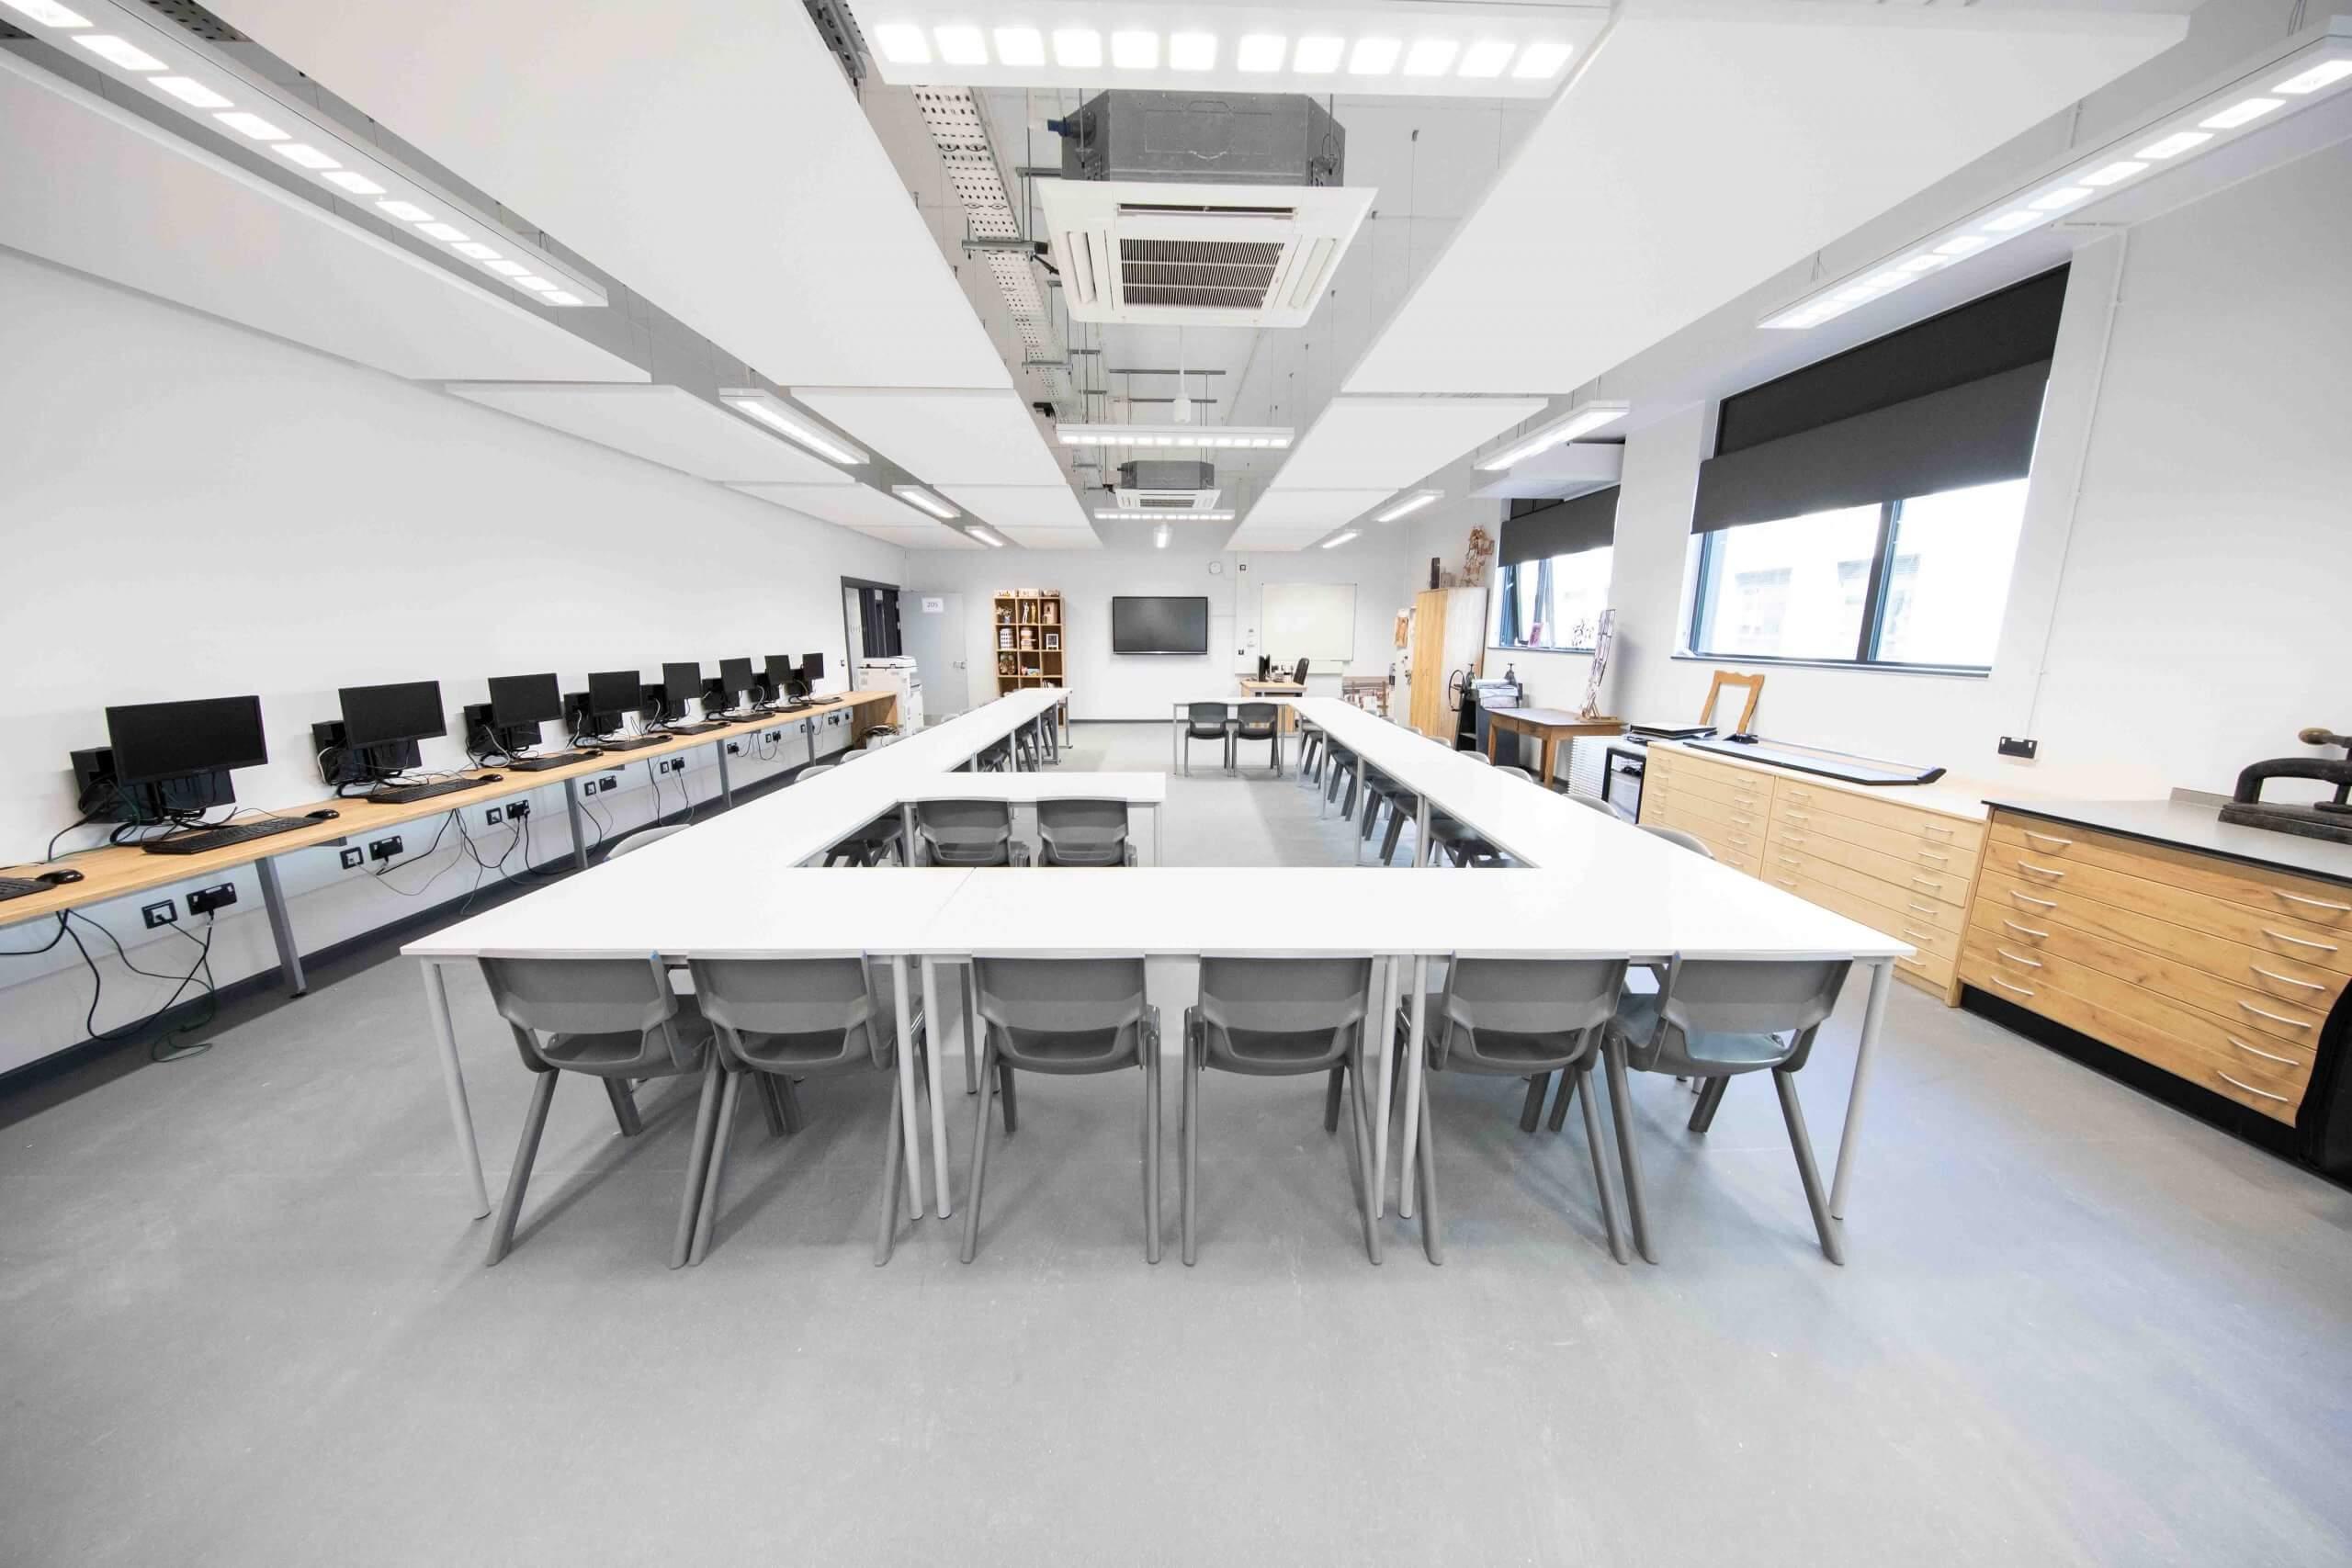 Broxbourne School